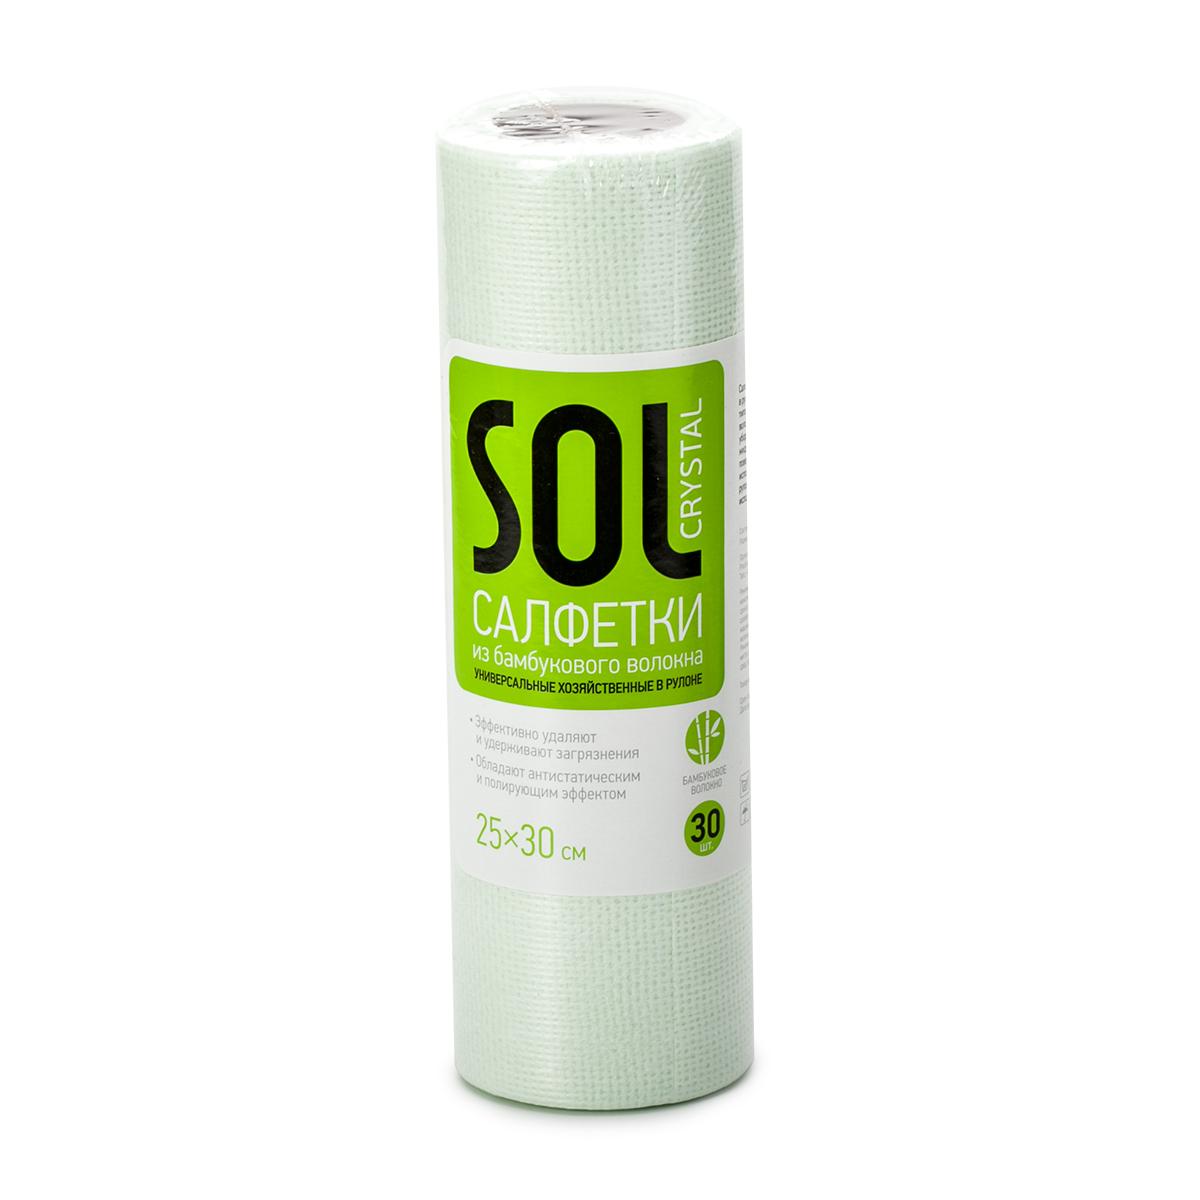 Салфетка для уборки Sol Crystal, в рулоне, 25 x 30 см, 30 штNN-604-LS-BUУниверсальные хозяйственные салфетки в рулоне Sol Crystal - это удобное решение для любых типов уборки. Изделие выполнено из бамбукового волокна, полиэстера и вискозы. Салфетки обладают полирующим и антистатическим эффектом. Подходят для сухой и влажной уборки, быстро и эффективно впитывают жидкость, не оставляя ворса и разводов на поверхности. Они очень удобны в использовании - легко отрываются от рулона по линии перфорации и могут быть использованы многократно.